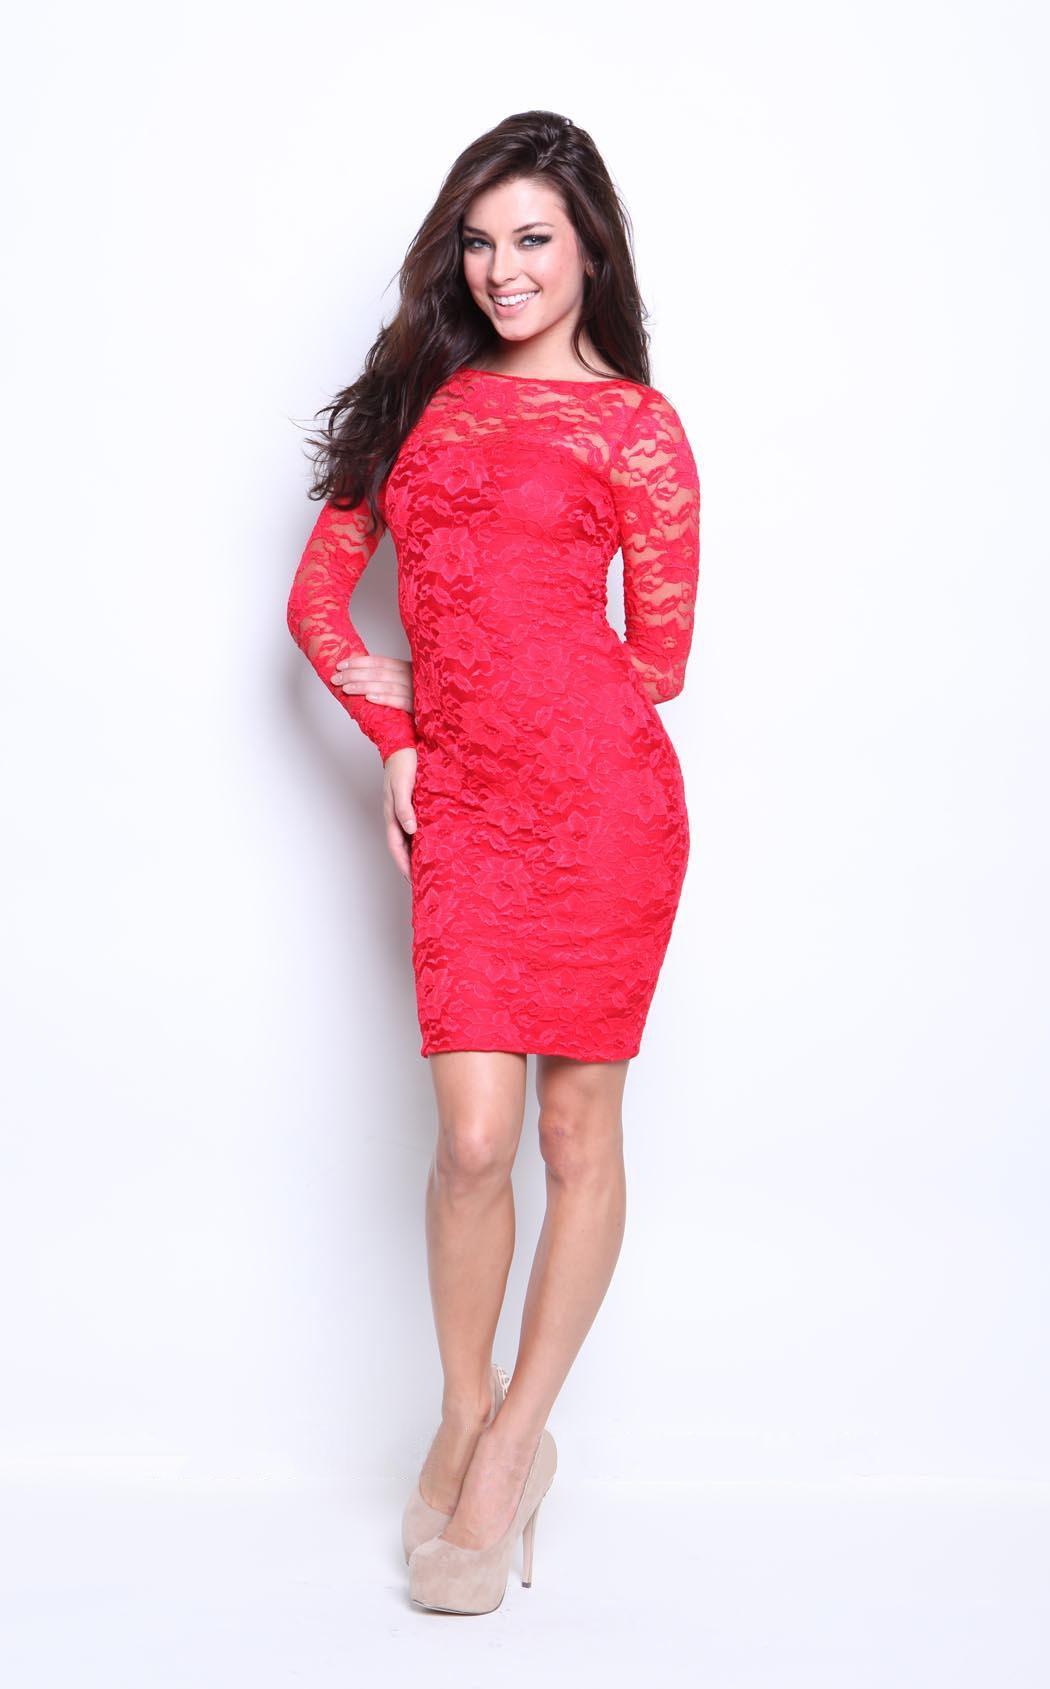 Amazing jewel lace dress